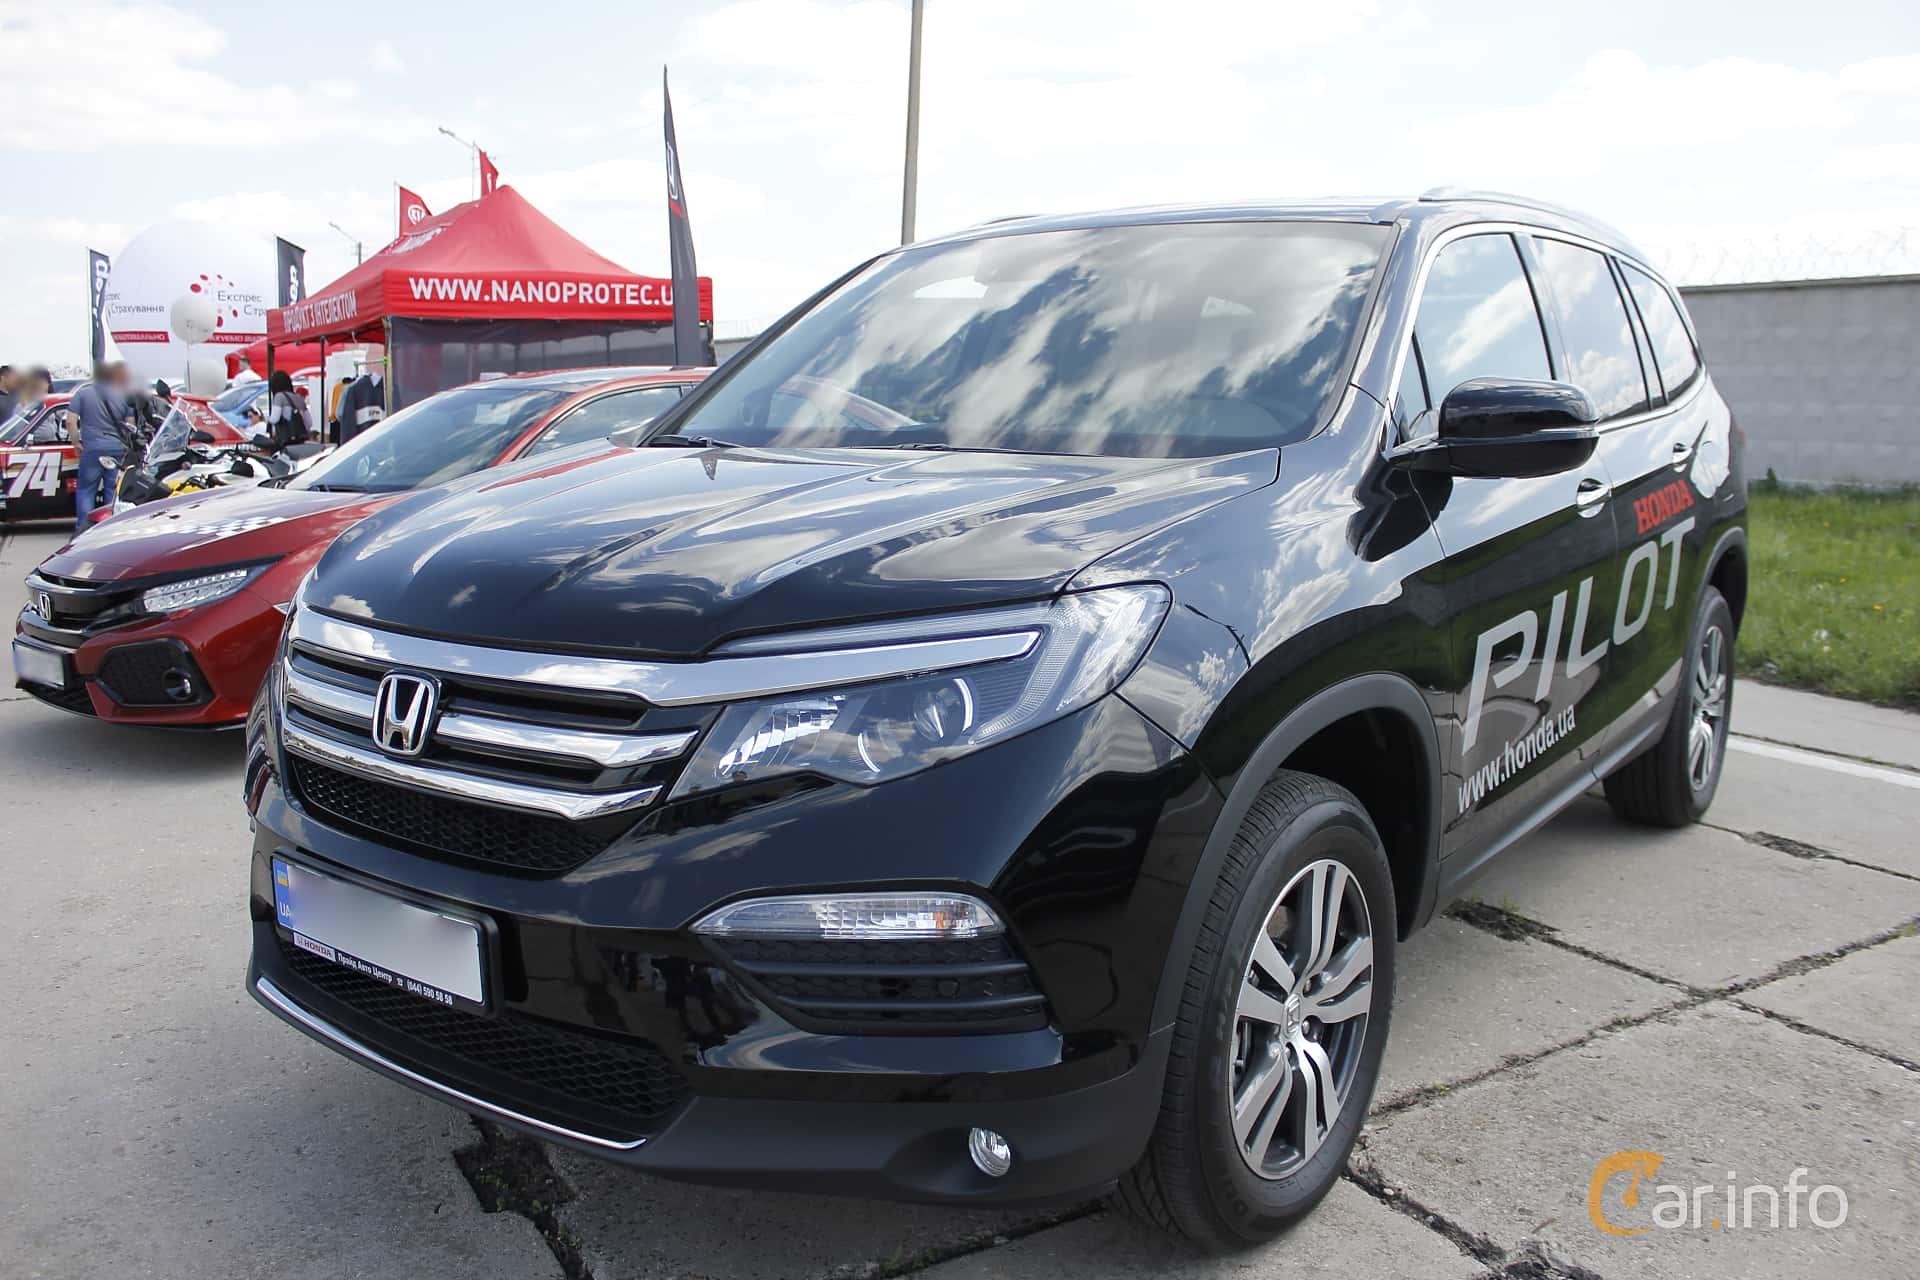 Honda Pilot 3.5 V6 Automatisk, 280hk, 2017 at Old Car Land no.1 2018